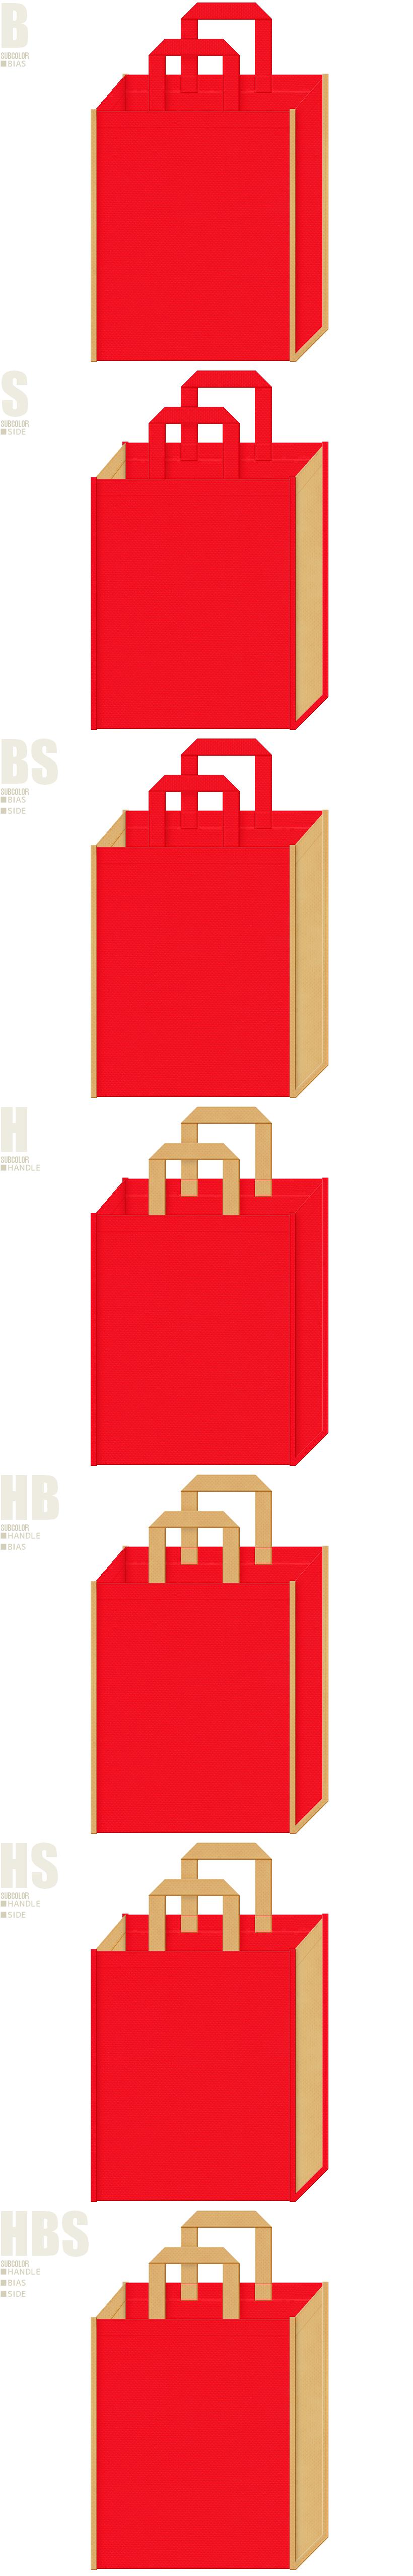 赤色と薄黄土色、7パターンの不織布トートバッグ配色デザイン例。節分豆・一合枡のショッピングバッグにお奨めです。